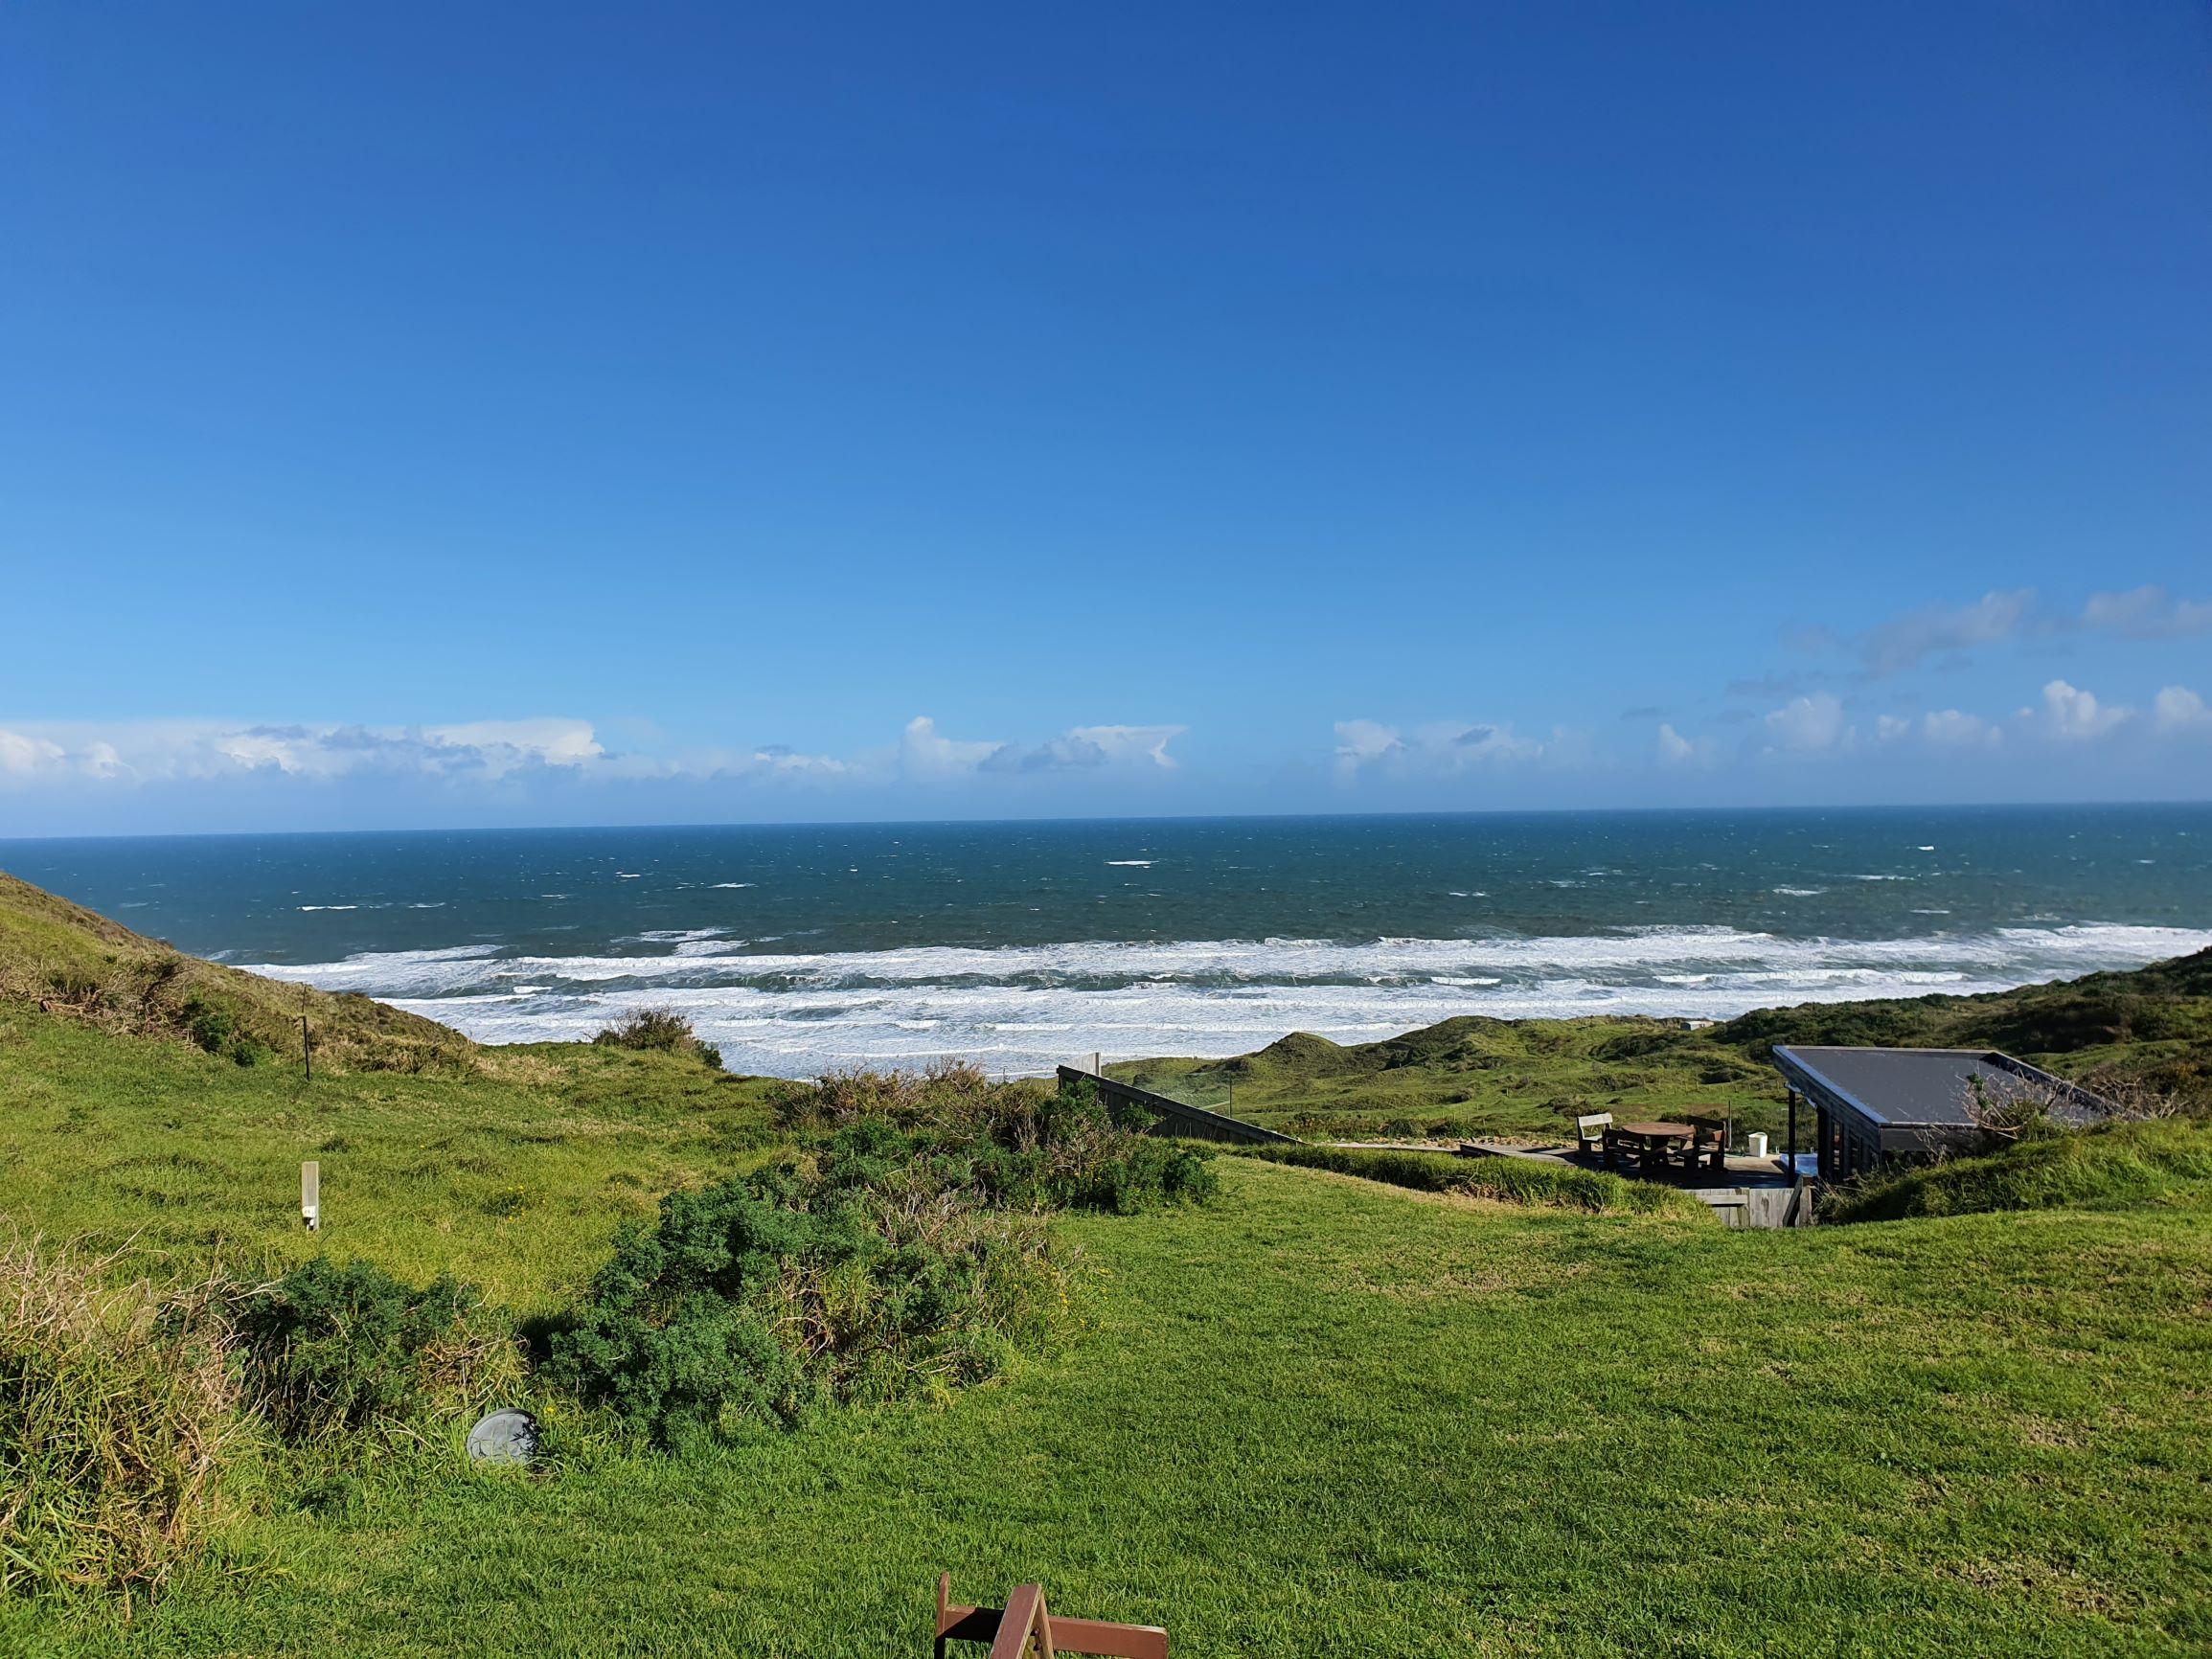 The ocean today